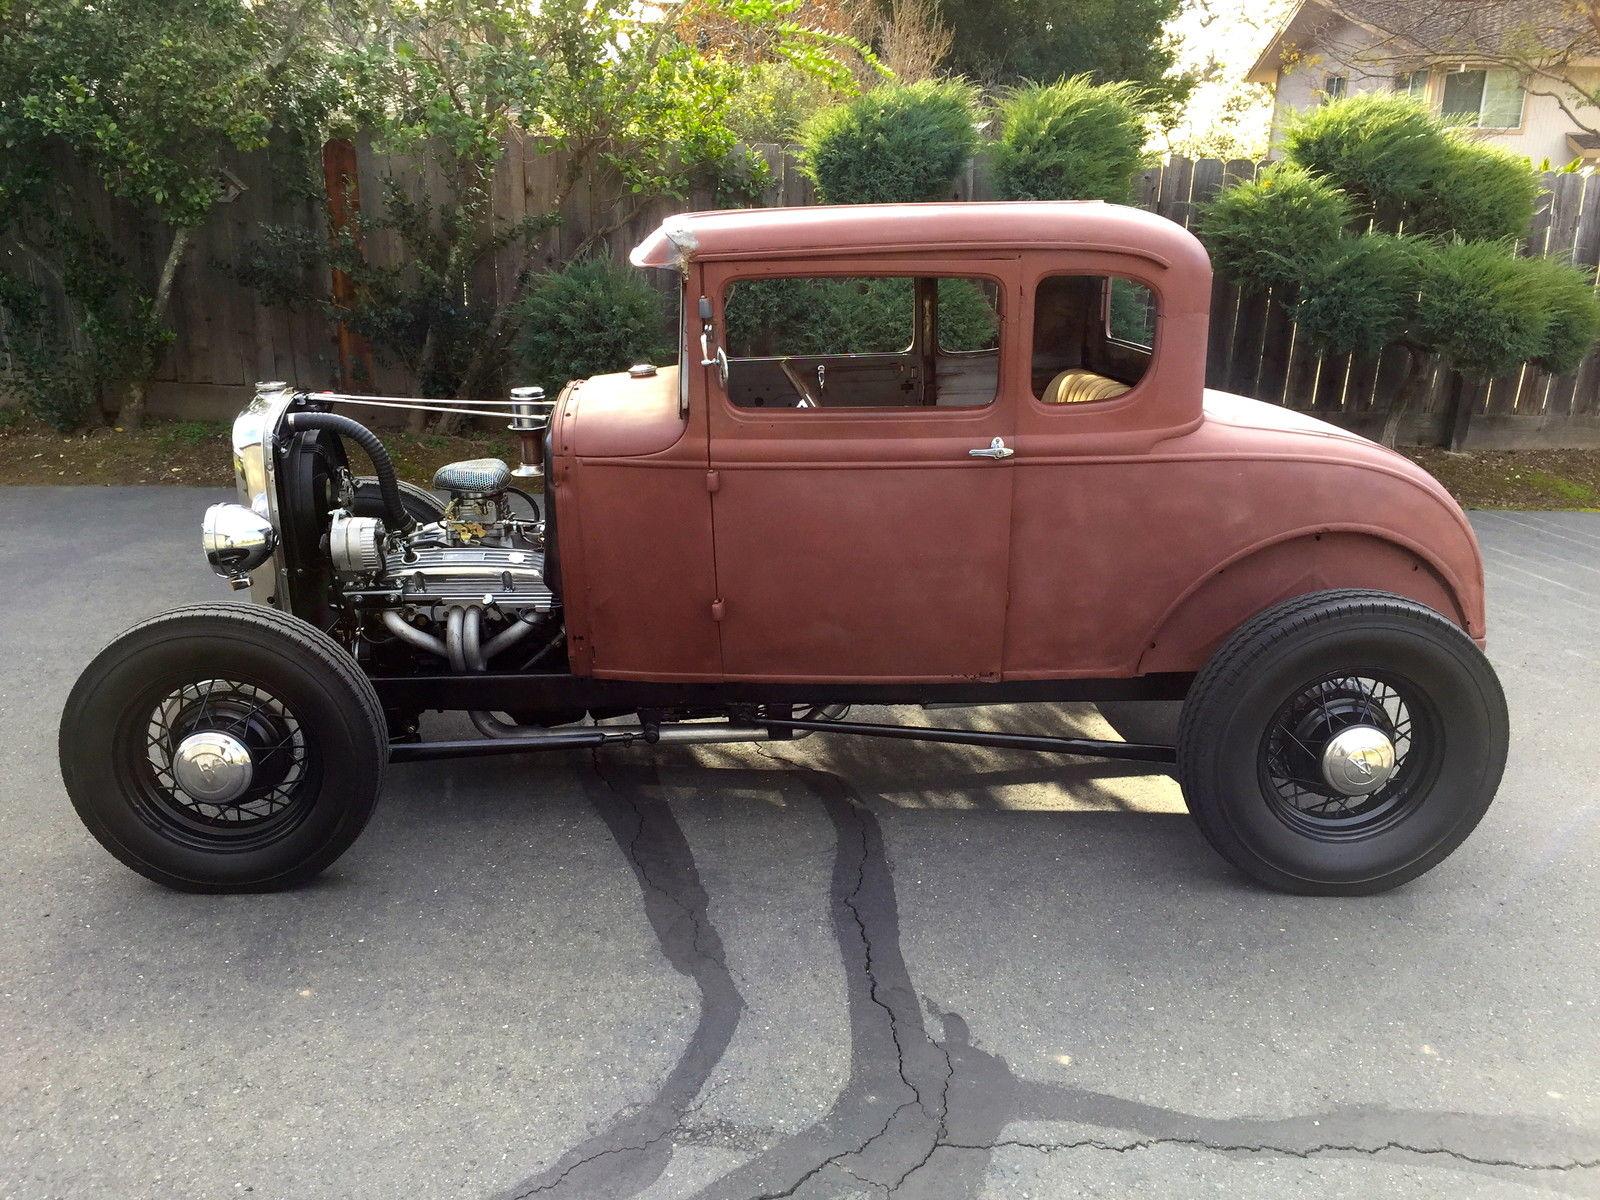 [DIAGRAM_5LK]  MW_8243] 1932 Ford 5 Window Coupe Rat Rod On 1937 Cadillac Wiring Diagram | Ford Hot Rod Wiring Diagrams |  | Erek Norab Denli Mohammedshrine Librar Wiring 101